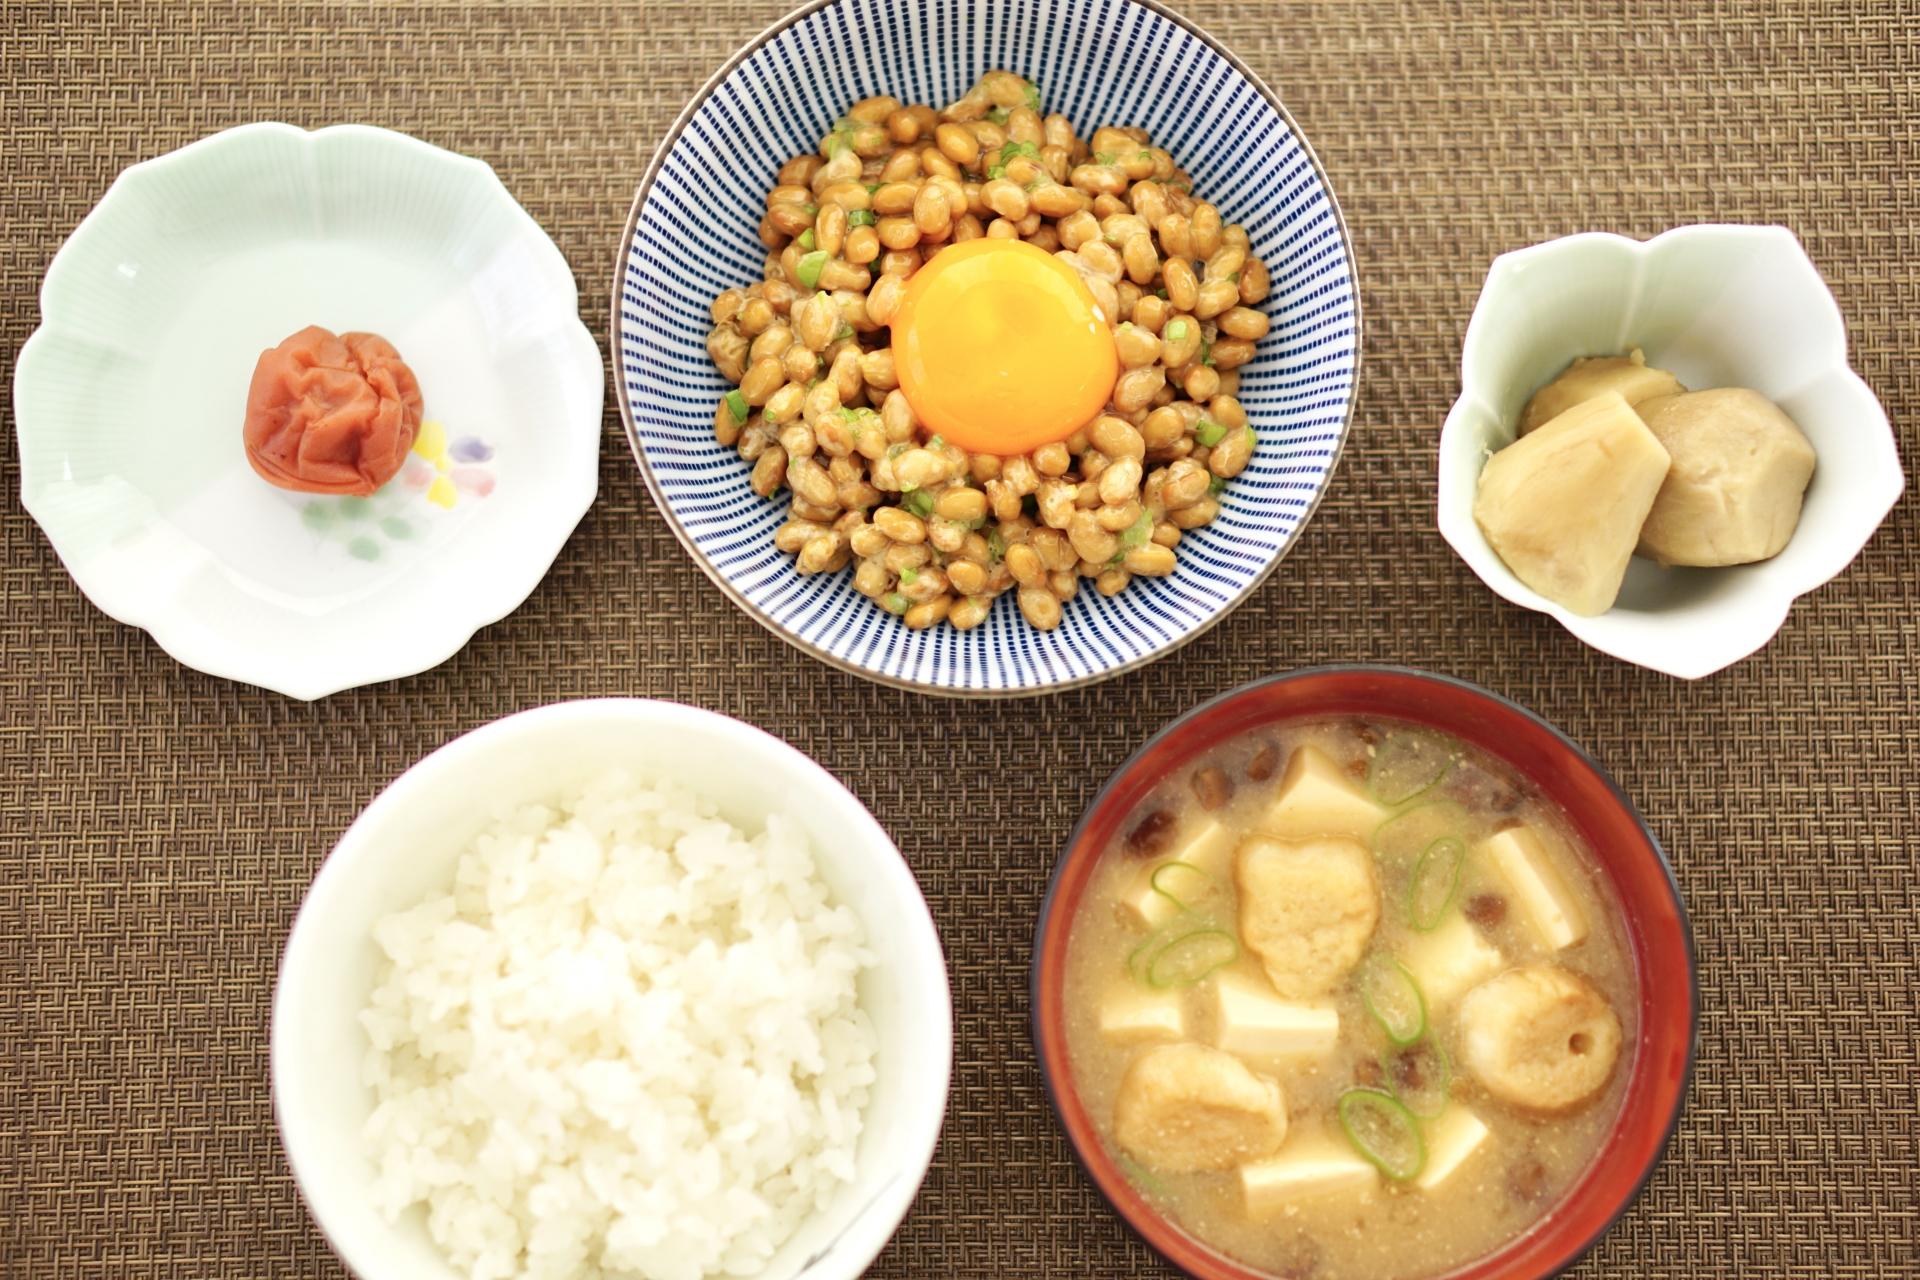 朝食 納豆とご飯と味噌汁